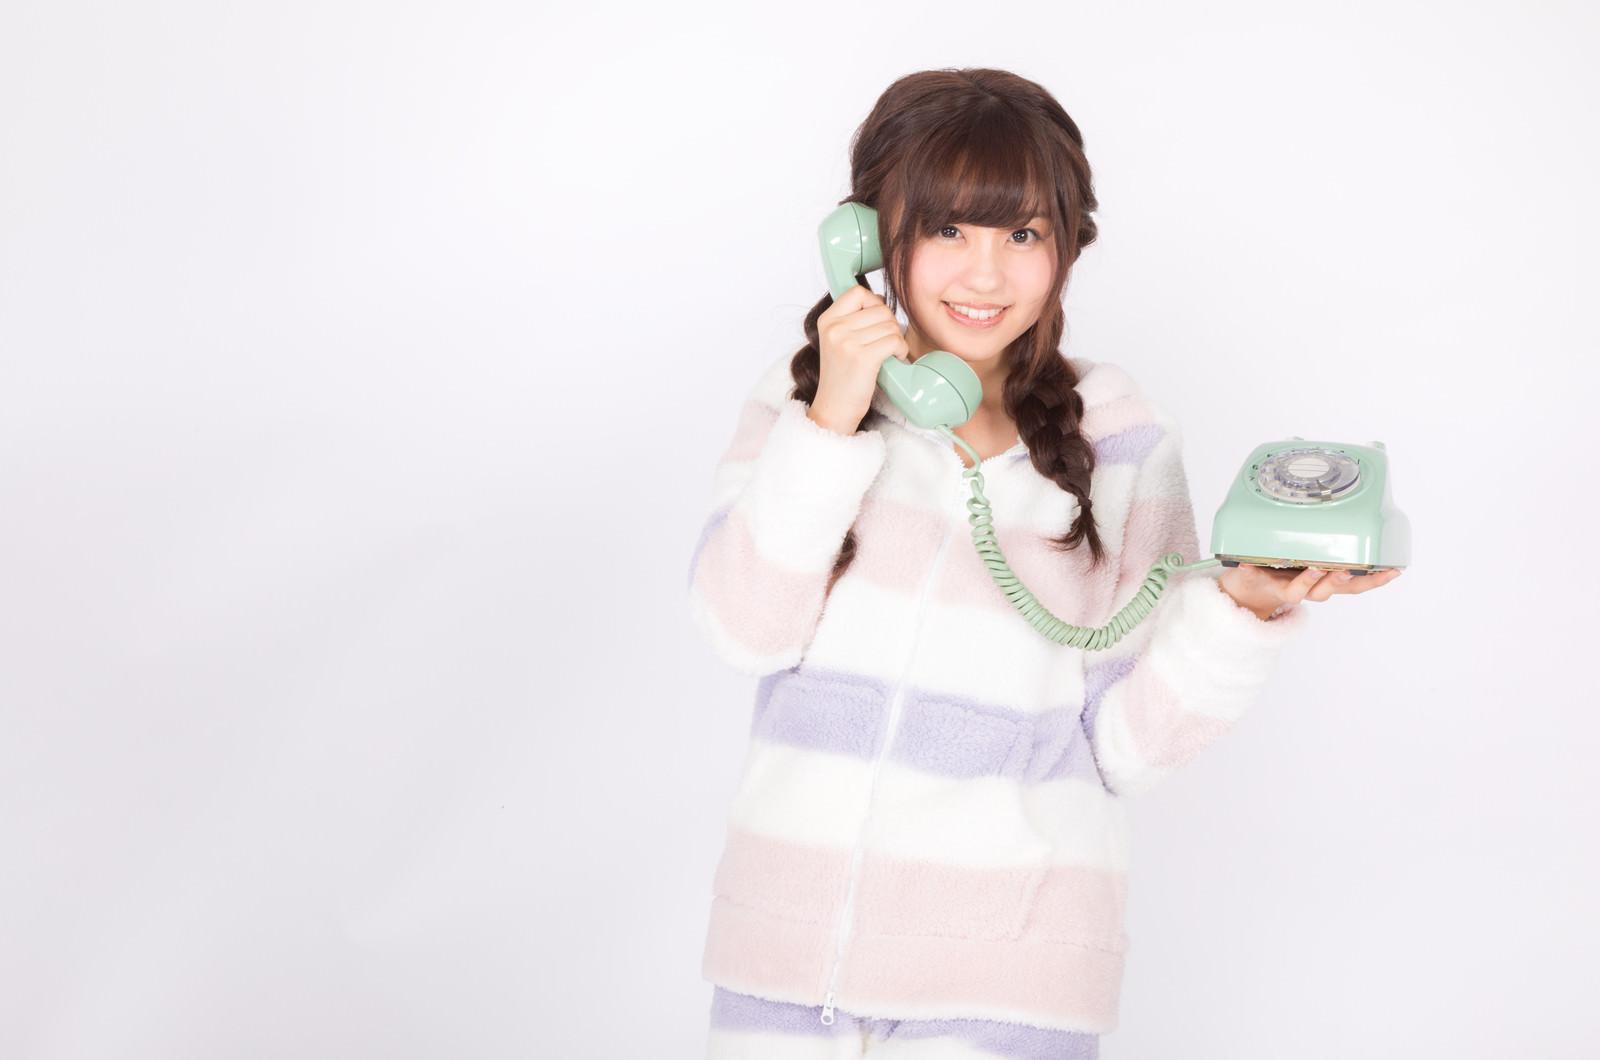 「ダイヤル式の電話を片手に通話する女性」[モデル:河村友歌]